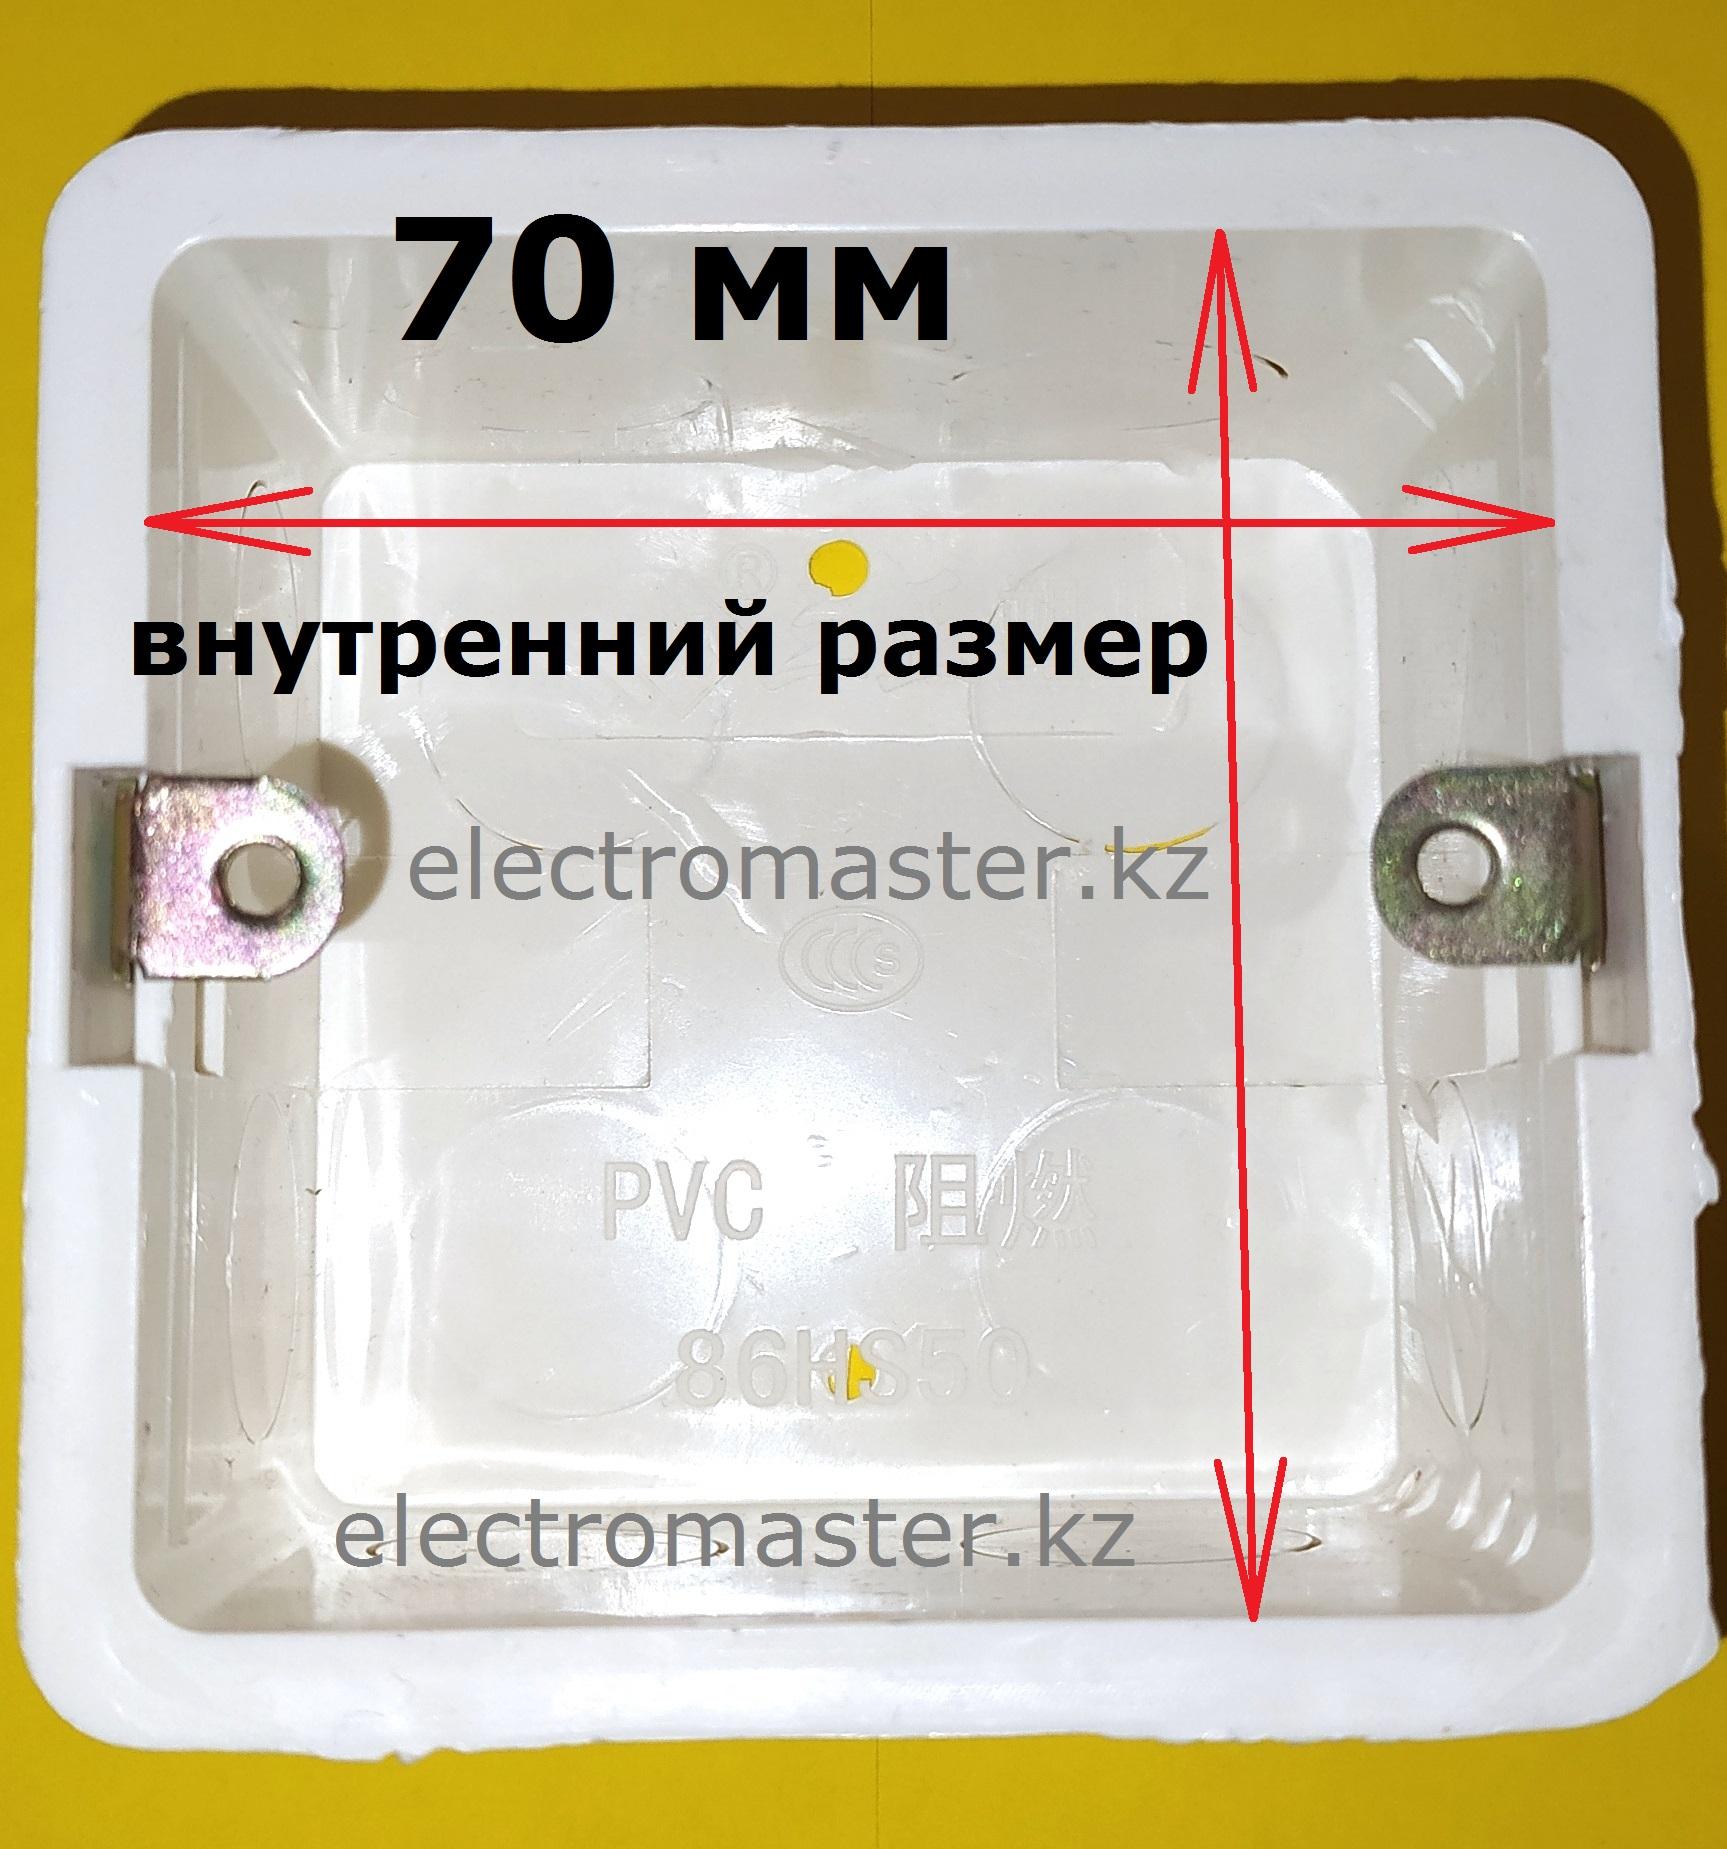 Внутренний размер квадратного подрозетника, стандарта 86х86 - 70 мм